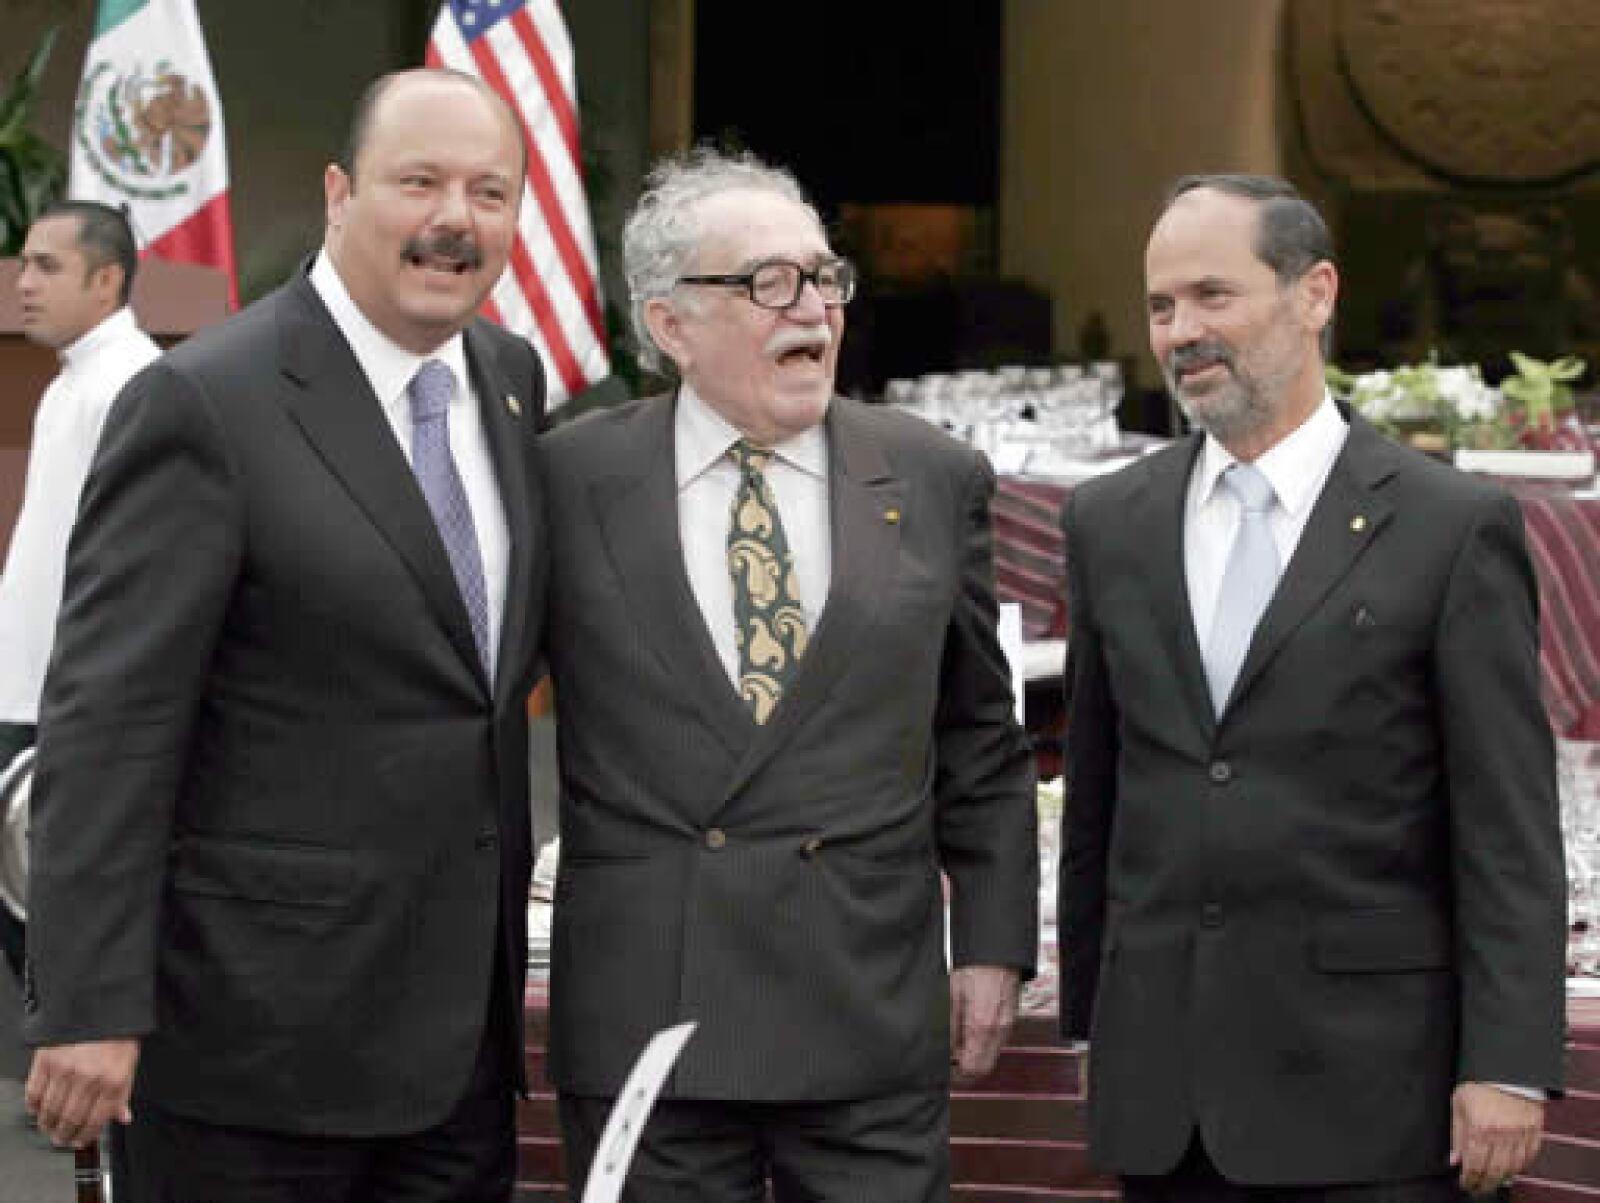 César Duarte, presidente de la Mesa Directiva de la Cámara de Diputados, el premio nobel de literatura Gabriel García Márquez y Gustavo Madero, presidente del Senado.